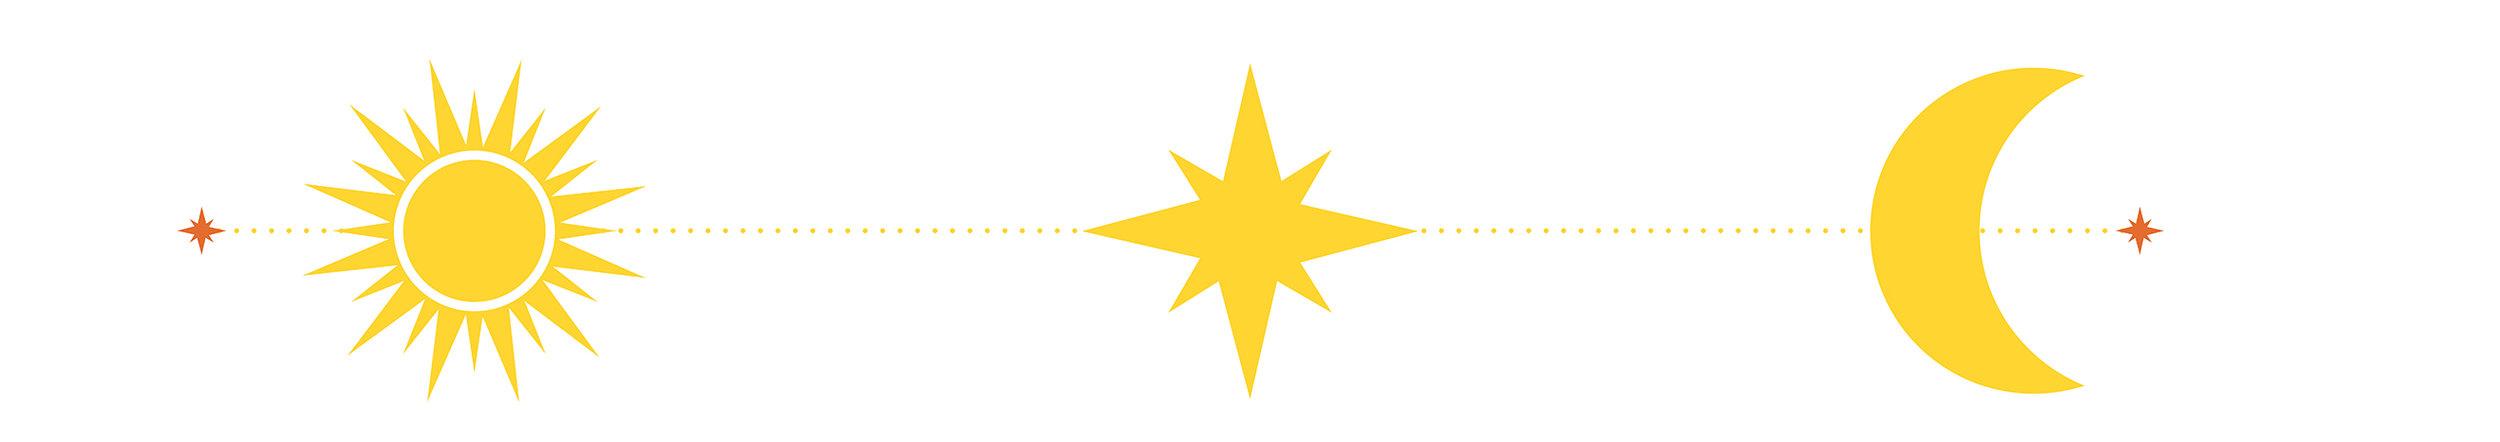 Virgo_Season_sunstarsmoon-11_small.jpg